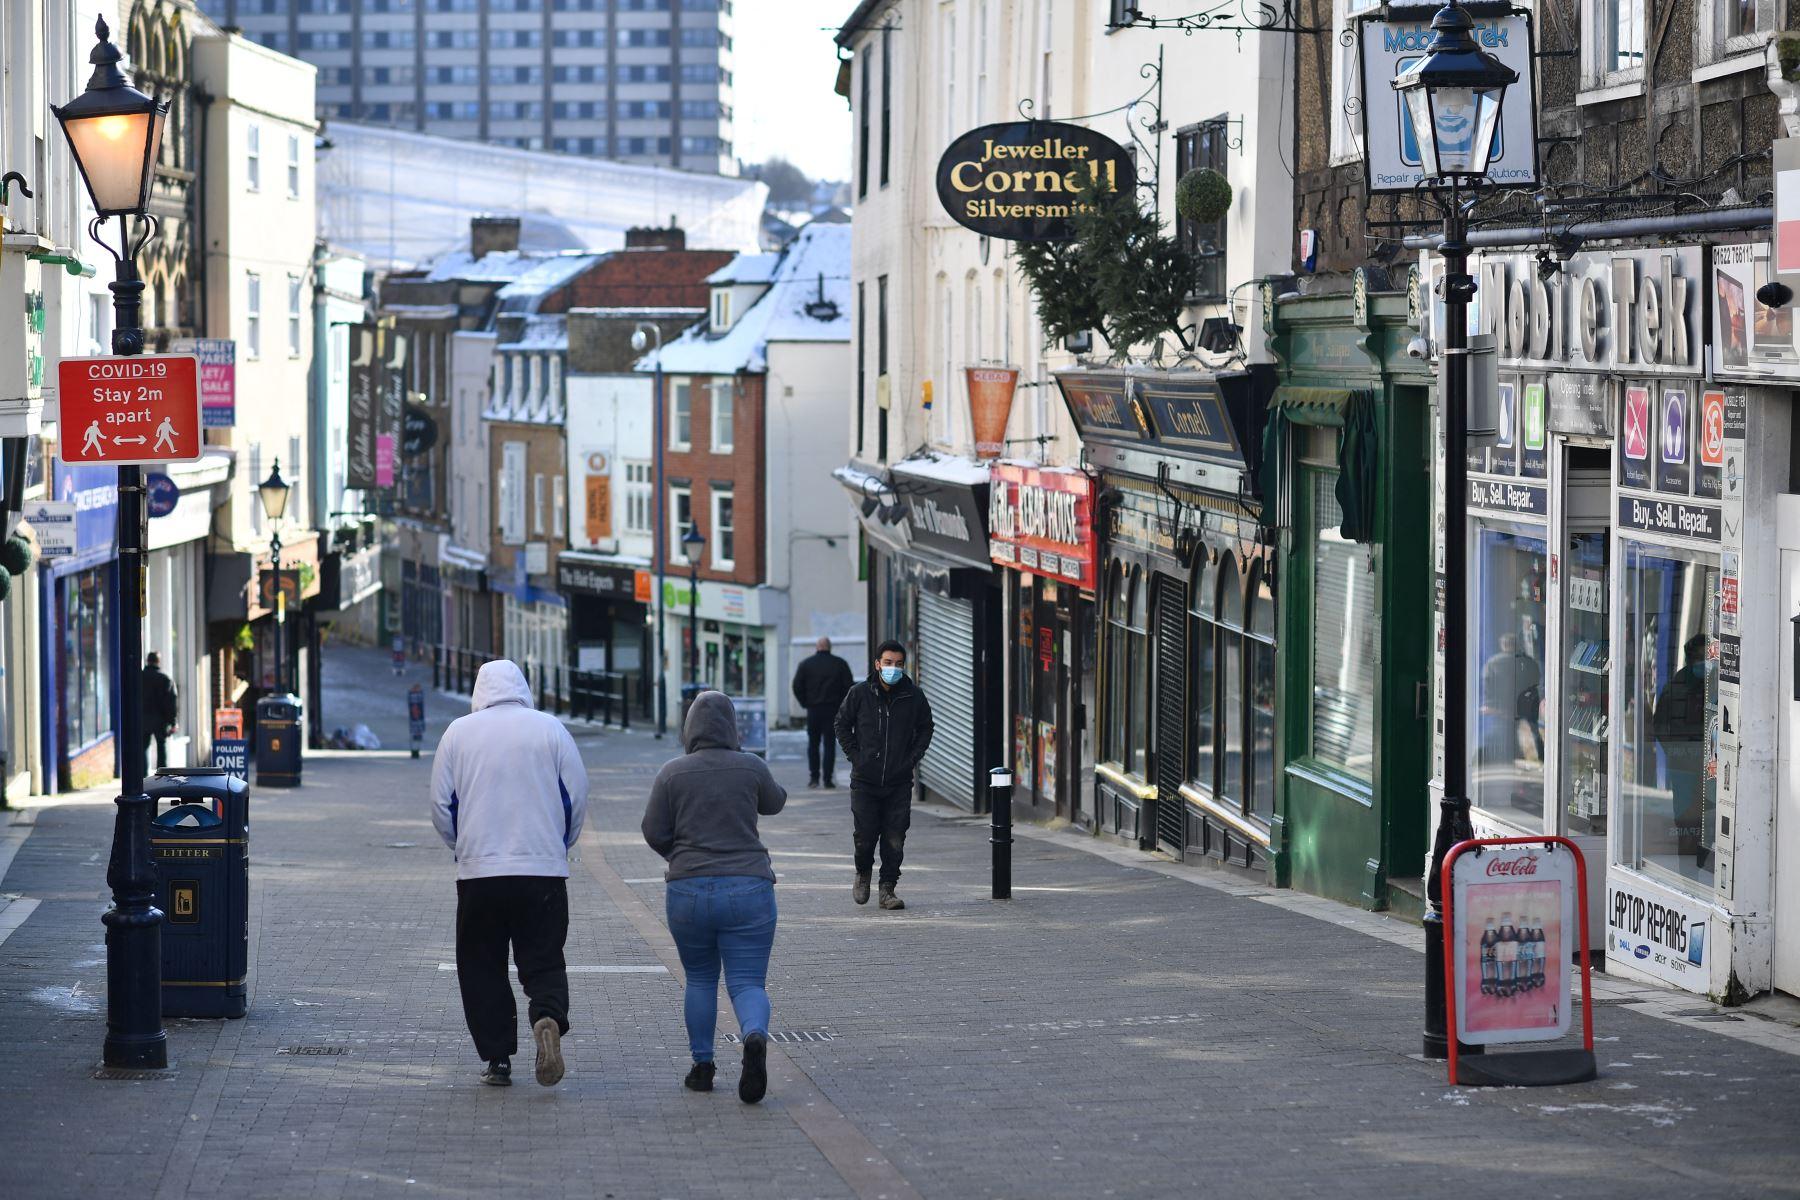 Los peatones caminan por una calle principal con las tiendas cerradas en Maidstone, sureste de Inglaterra, el 12 de febrero de 2021 mientras la vida continúa en el tercer cierre de coronavirus. Foto: AFP